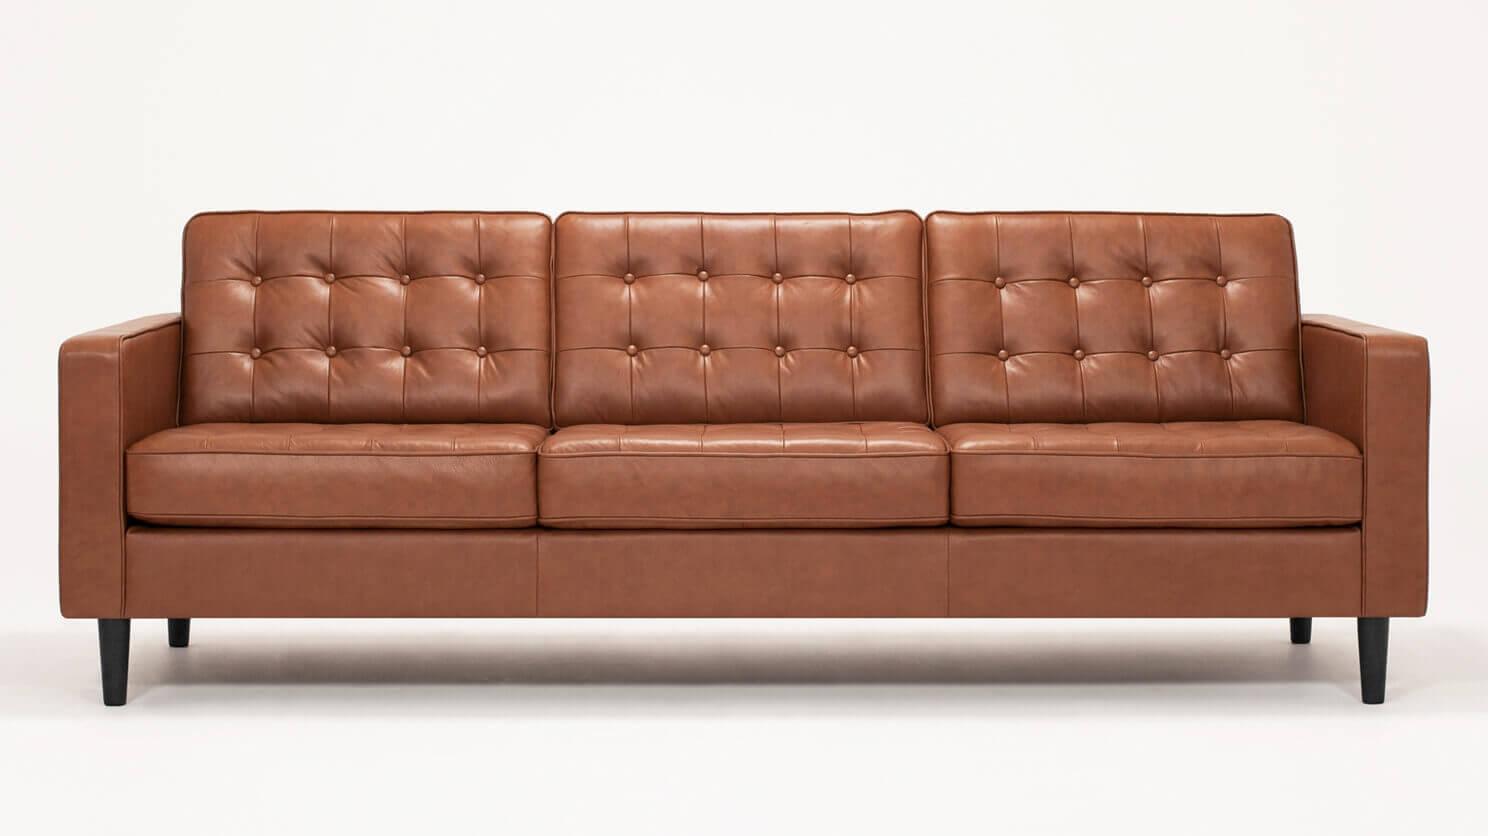 Reverie 92 Sofa Custom Made Leather Sofa Eq3